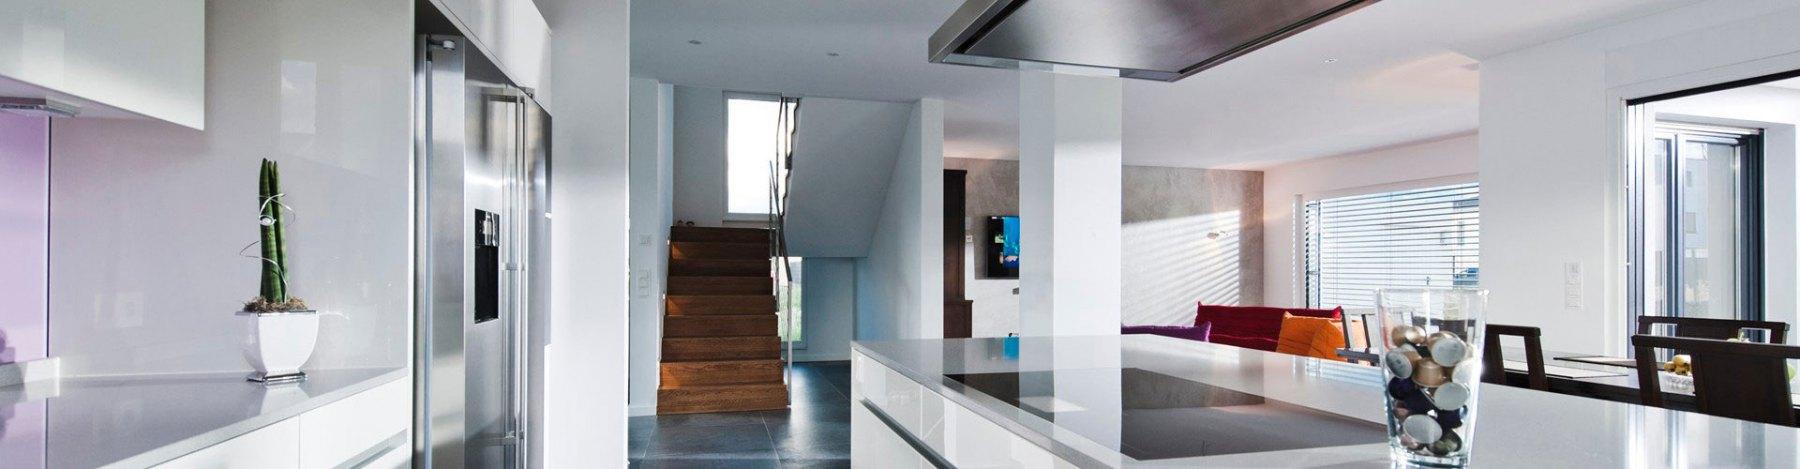 individuell bauen mit r tzer ziegel element haus. Black Bedroom Furniture Sets. Home Design Ideas